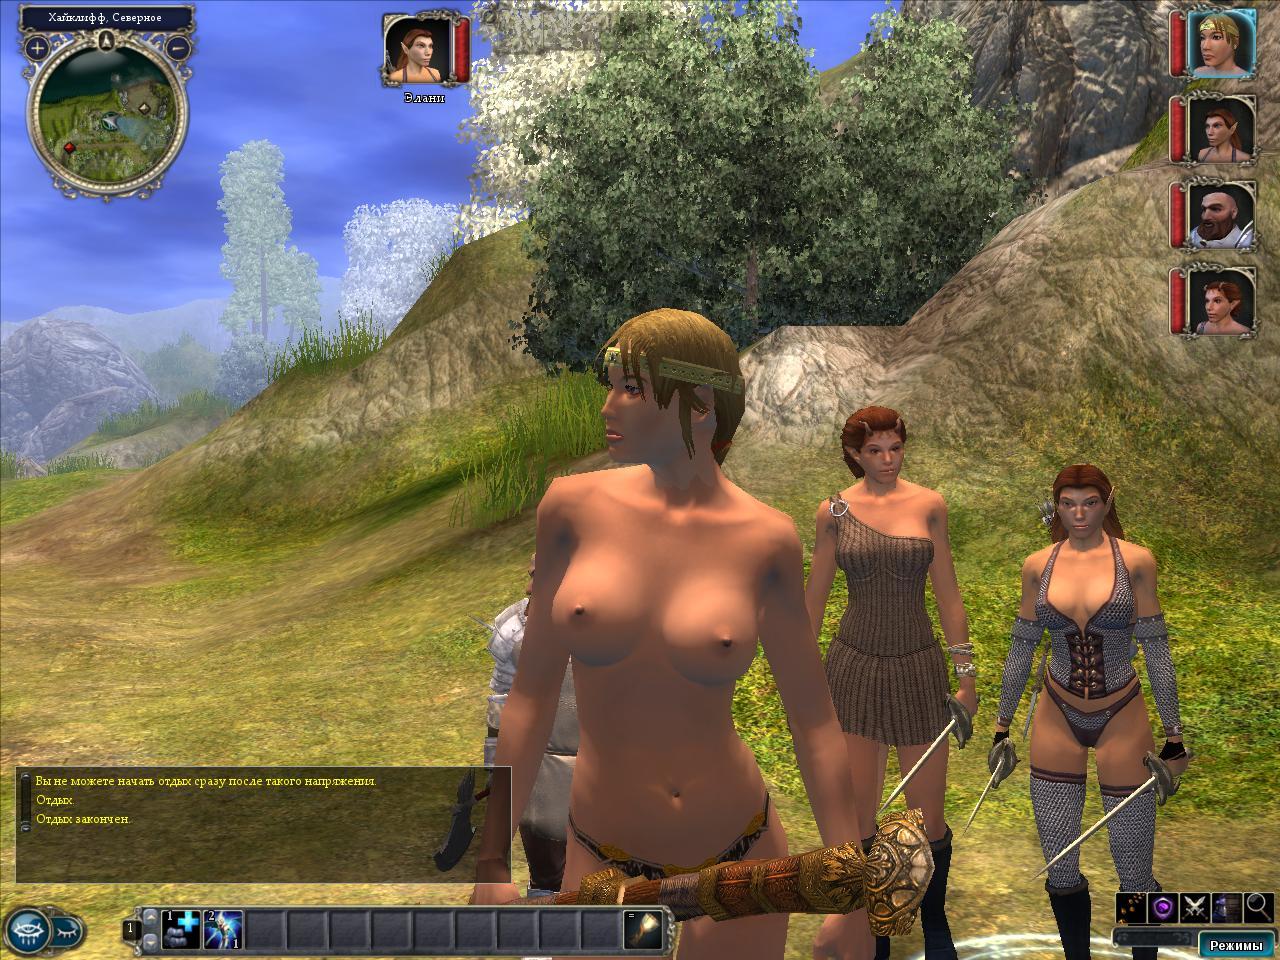 sexy-aunties-nwn-nude-mod-nursig